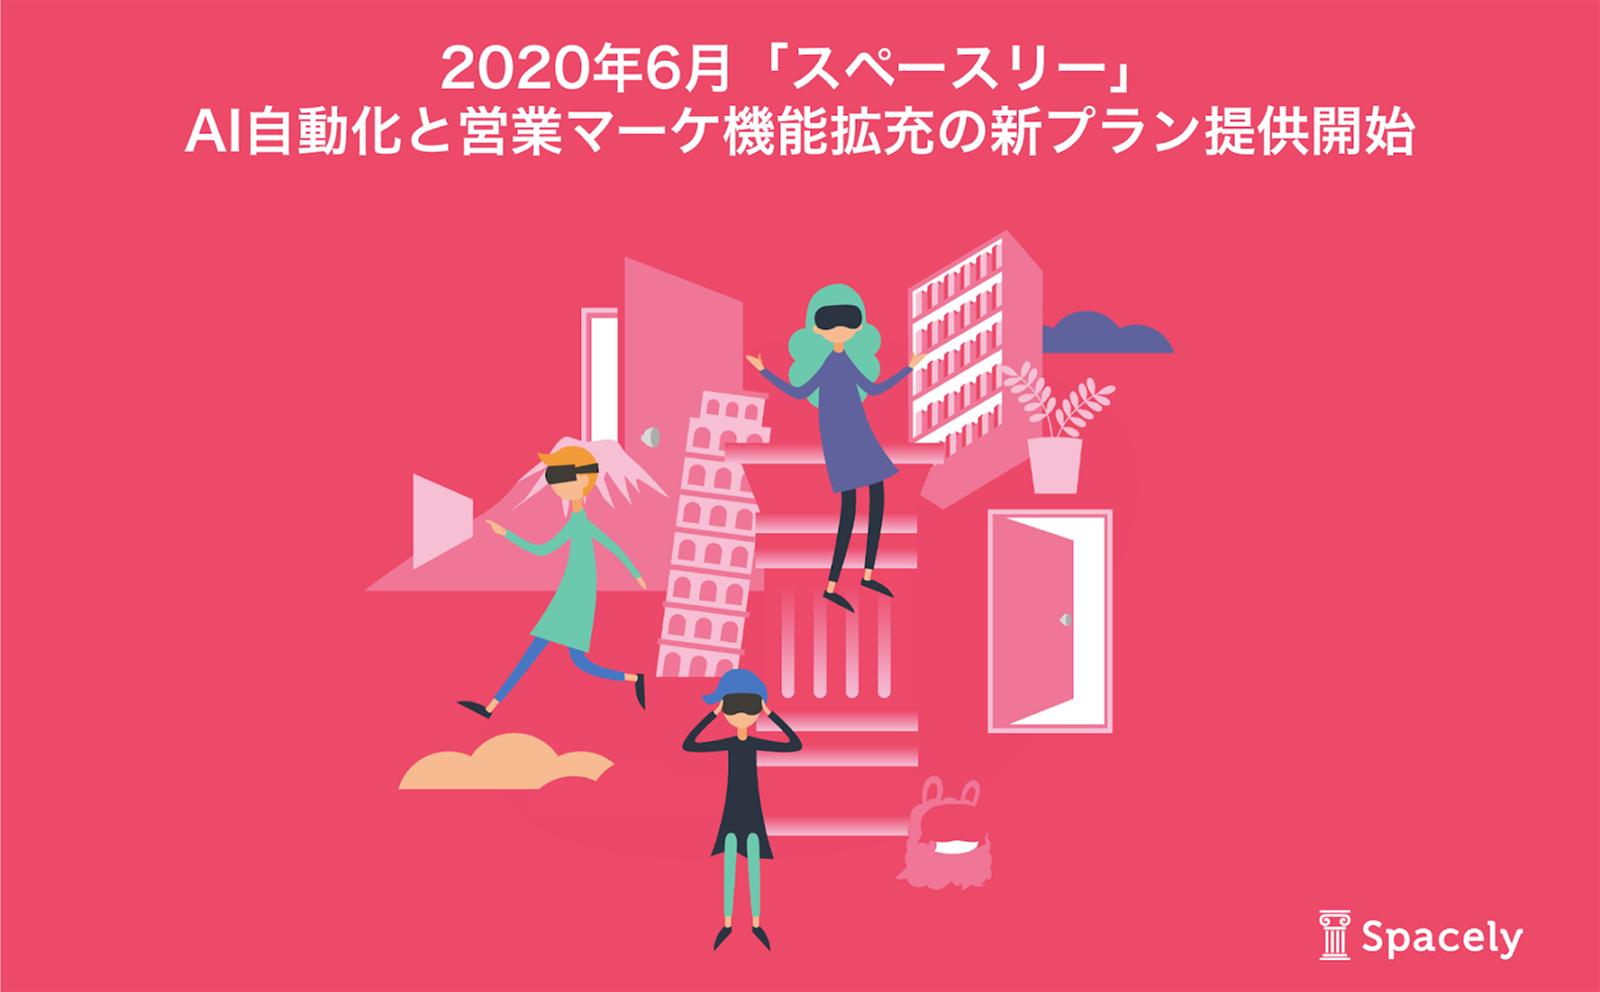 顧客管理、追客、ウェブ接客に対応した不動産・住宅業界向け新プランのβ版を2020年4月提供開始